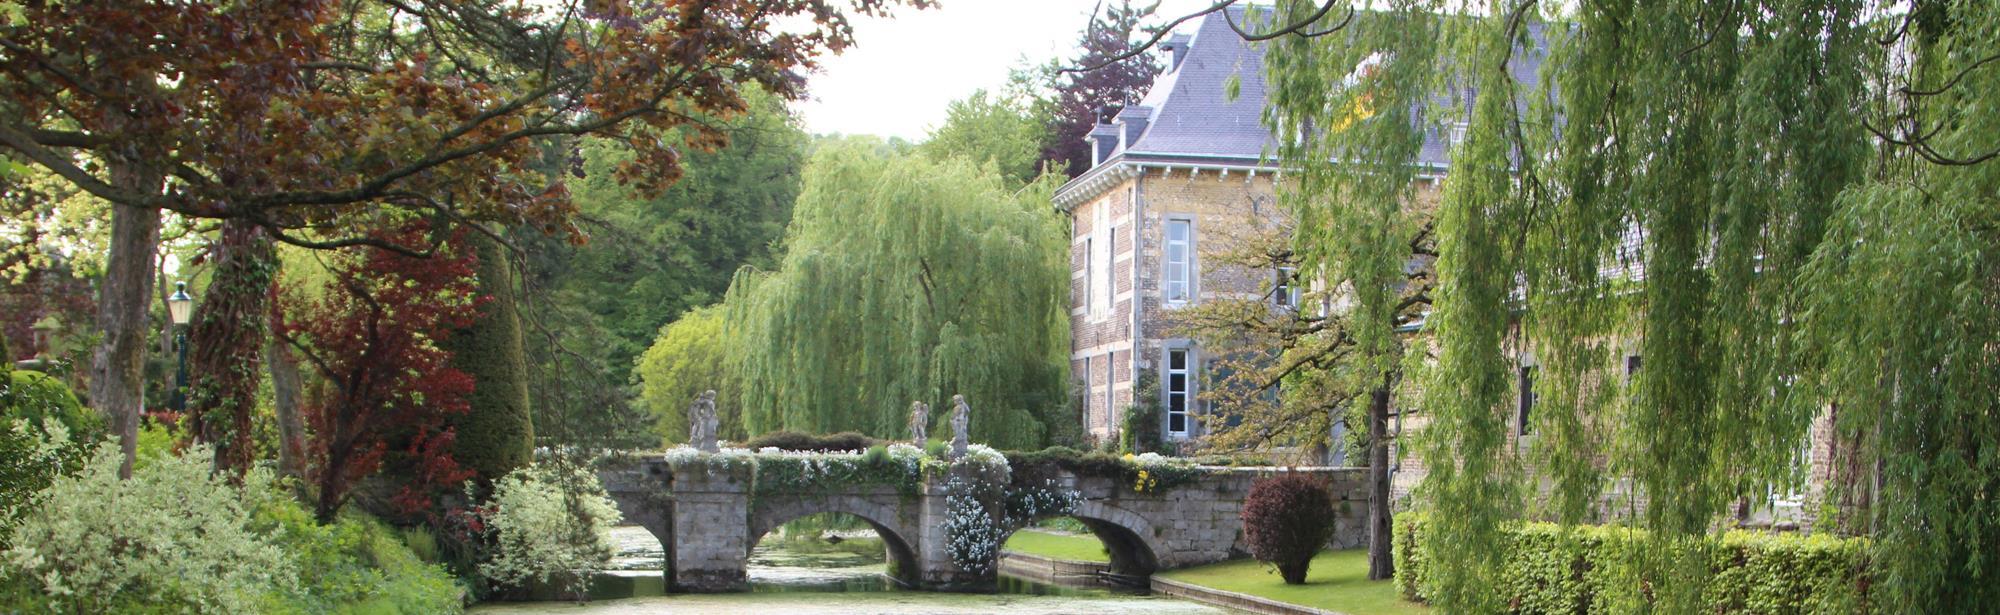 Buitenplaats Kasteel Wijlre